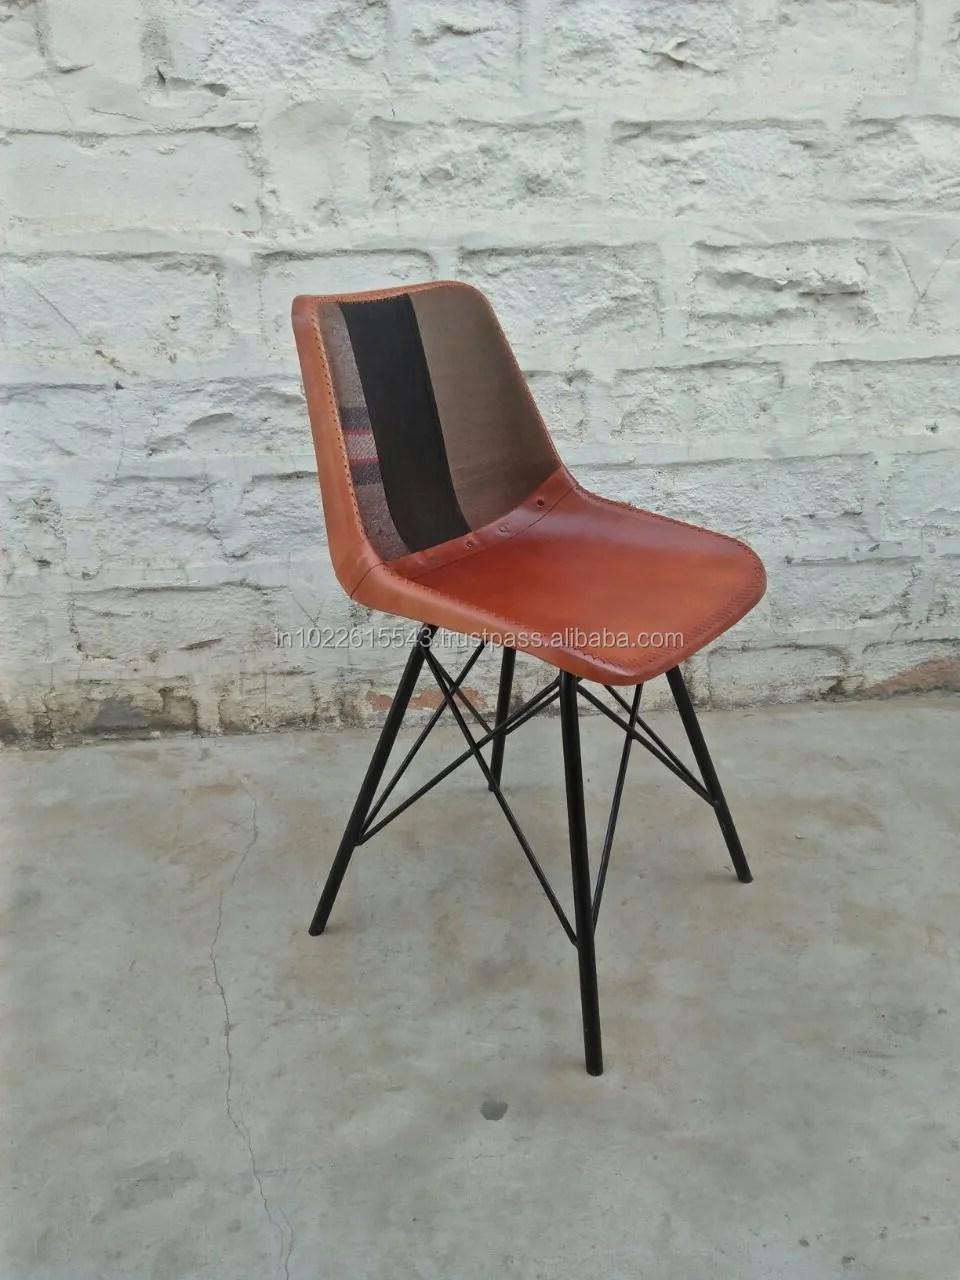 chaise de salle a manger en fer et cuir style industriel vintage buy genuine leather dining chair vintage industrial cafe chair antique dining